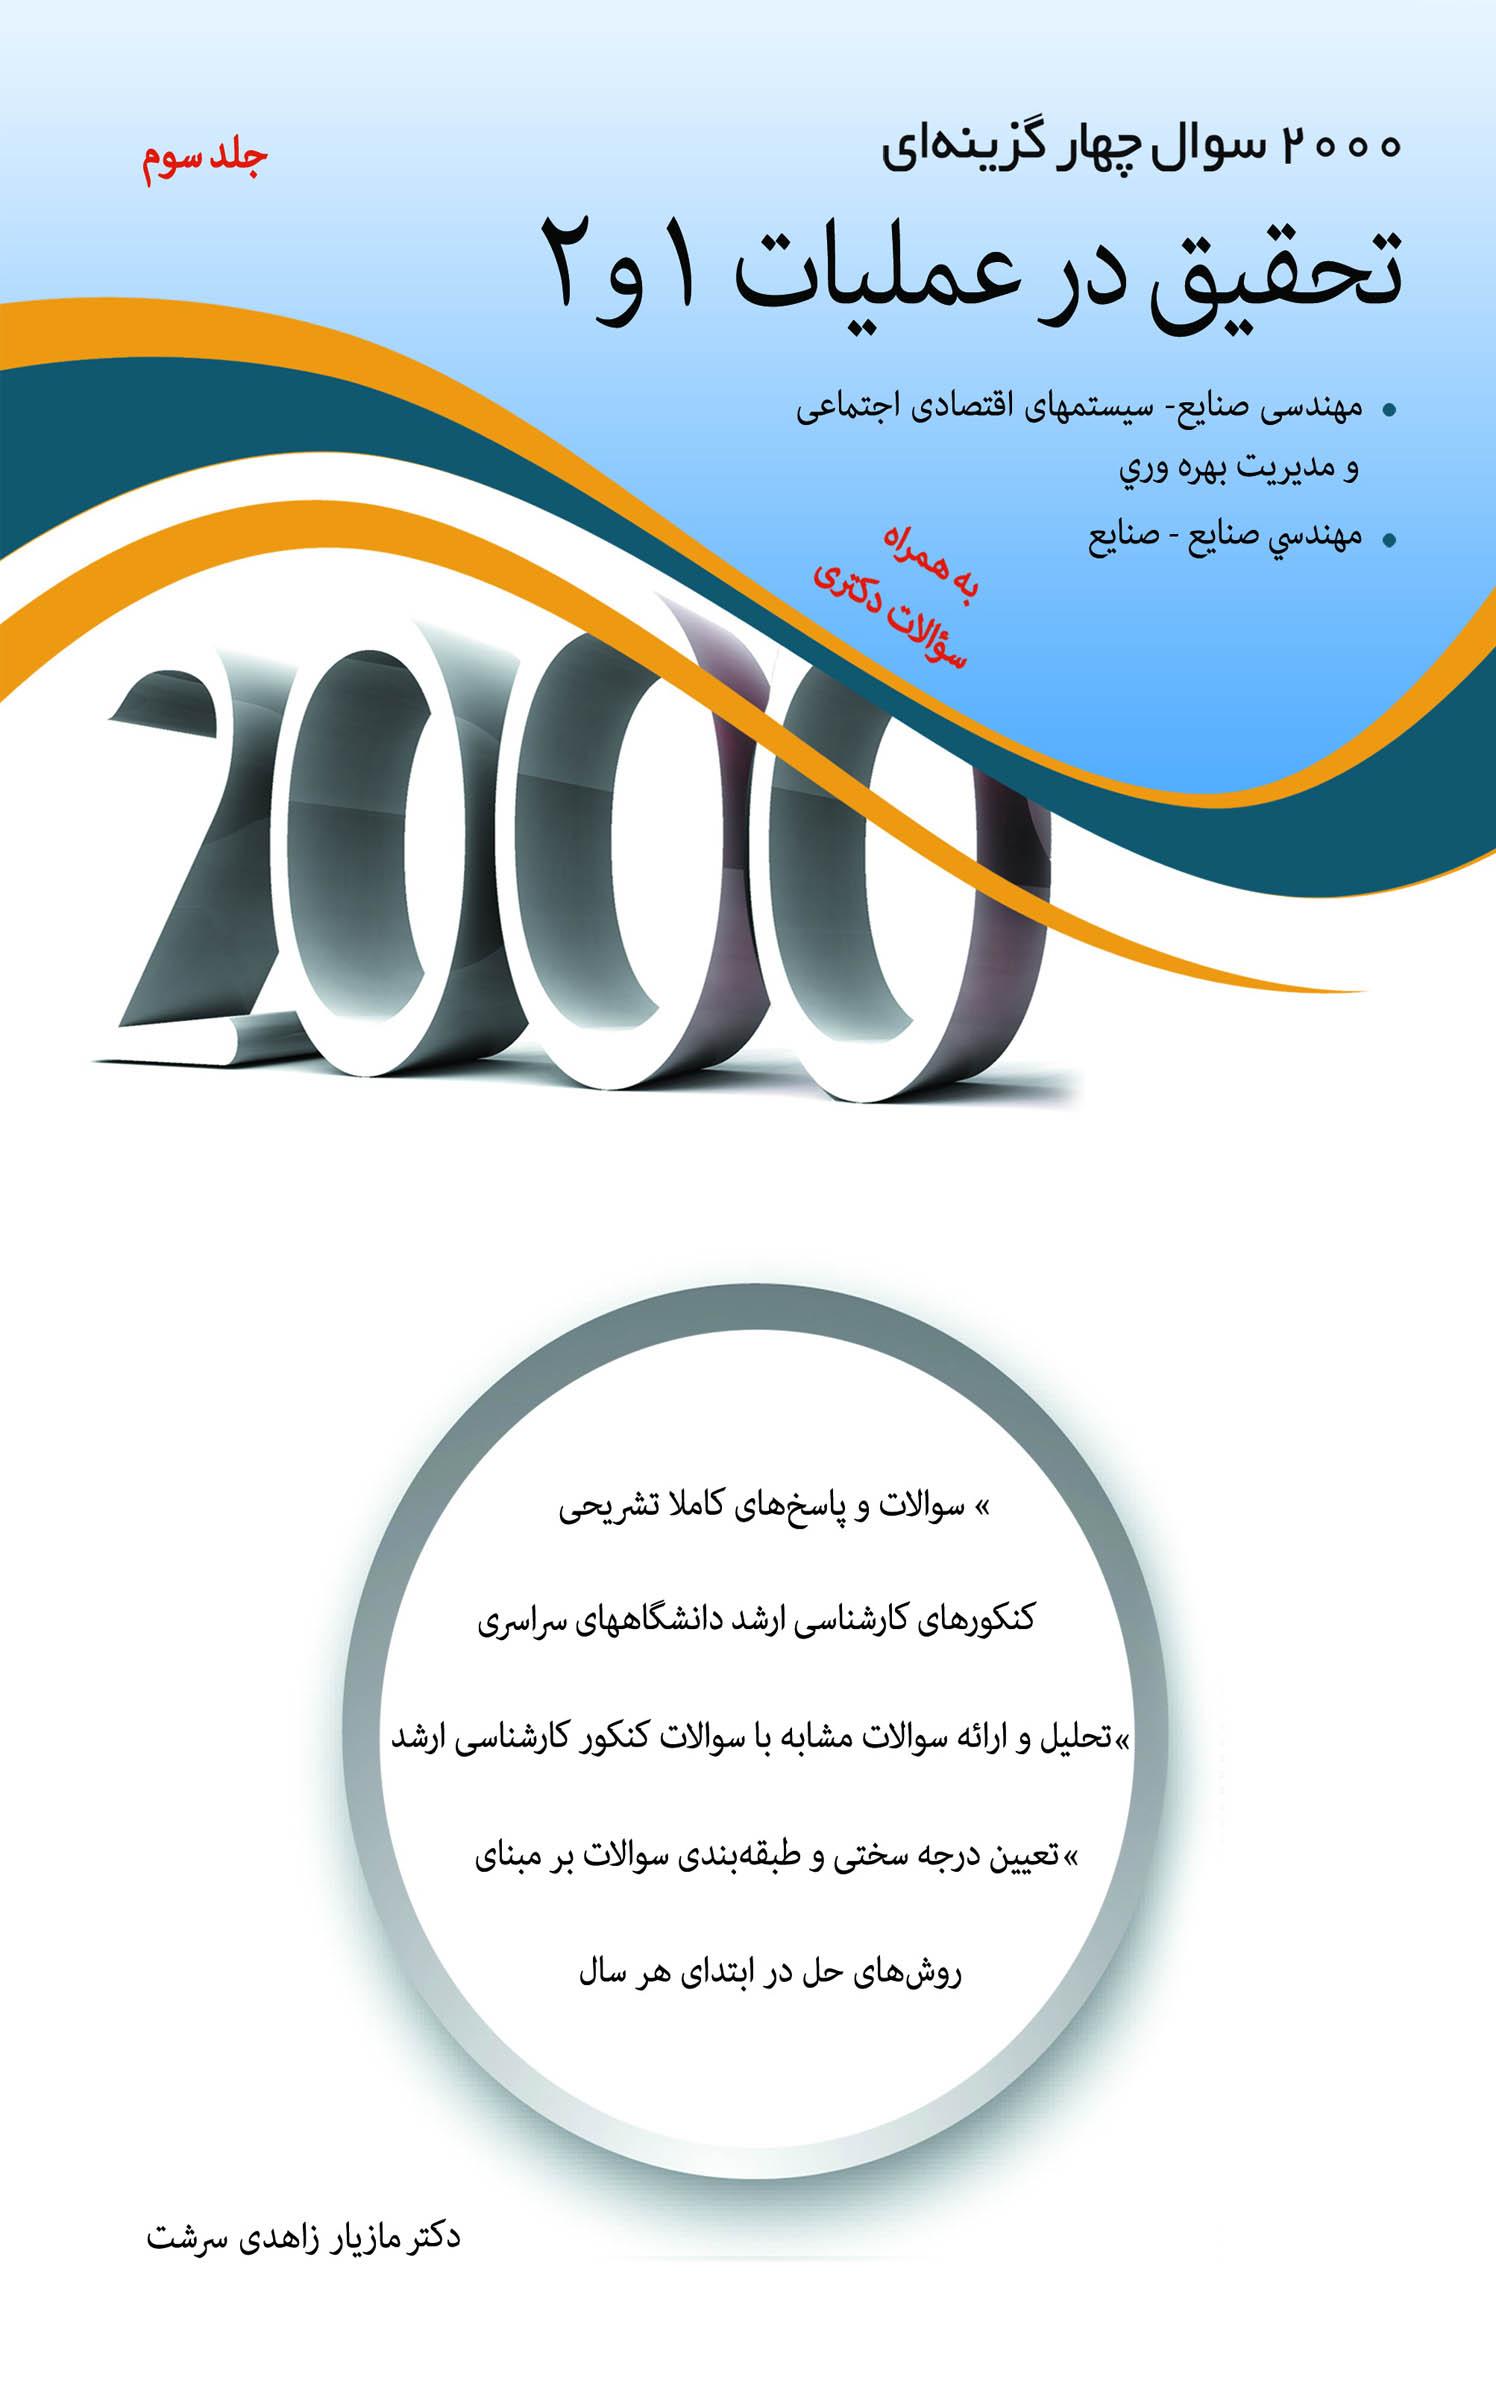 2000 سوال چهارگزینه ای تحقیق در عملیات 1و2 جلد سوم